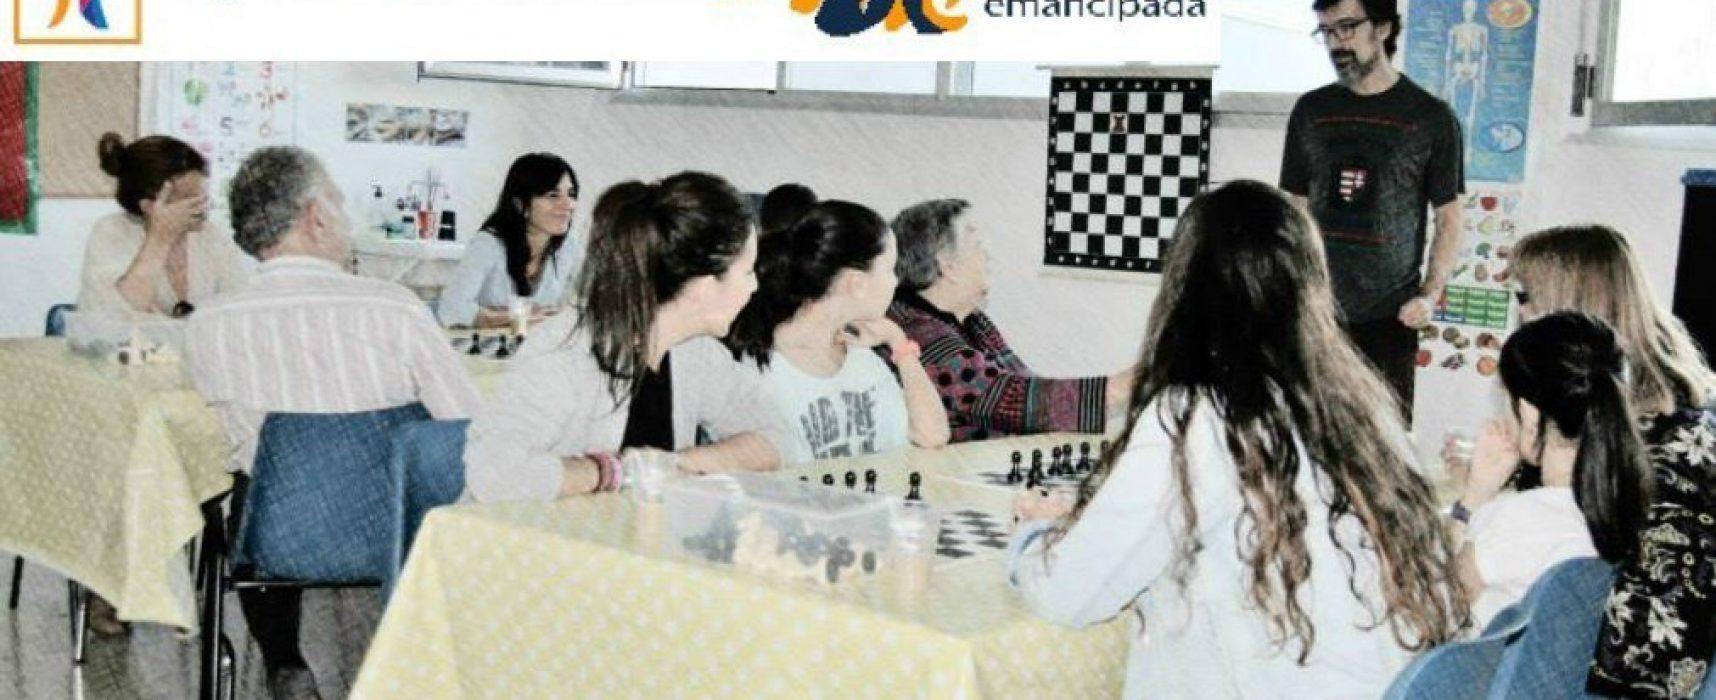 Proyecto social 'Ajedrez e igualdad' + las trampas en el ajedrez (caso Tetimov) + Leontxo Gª: el ajedrez en las escuelas